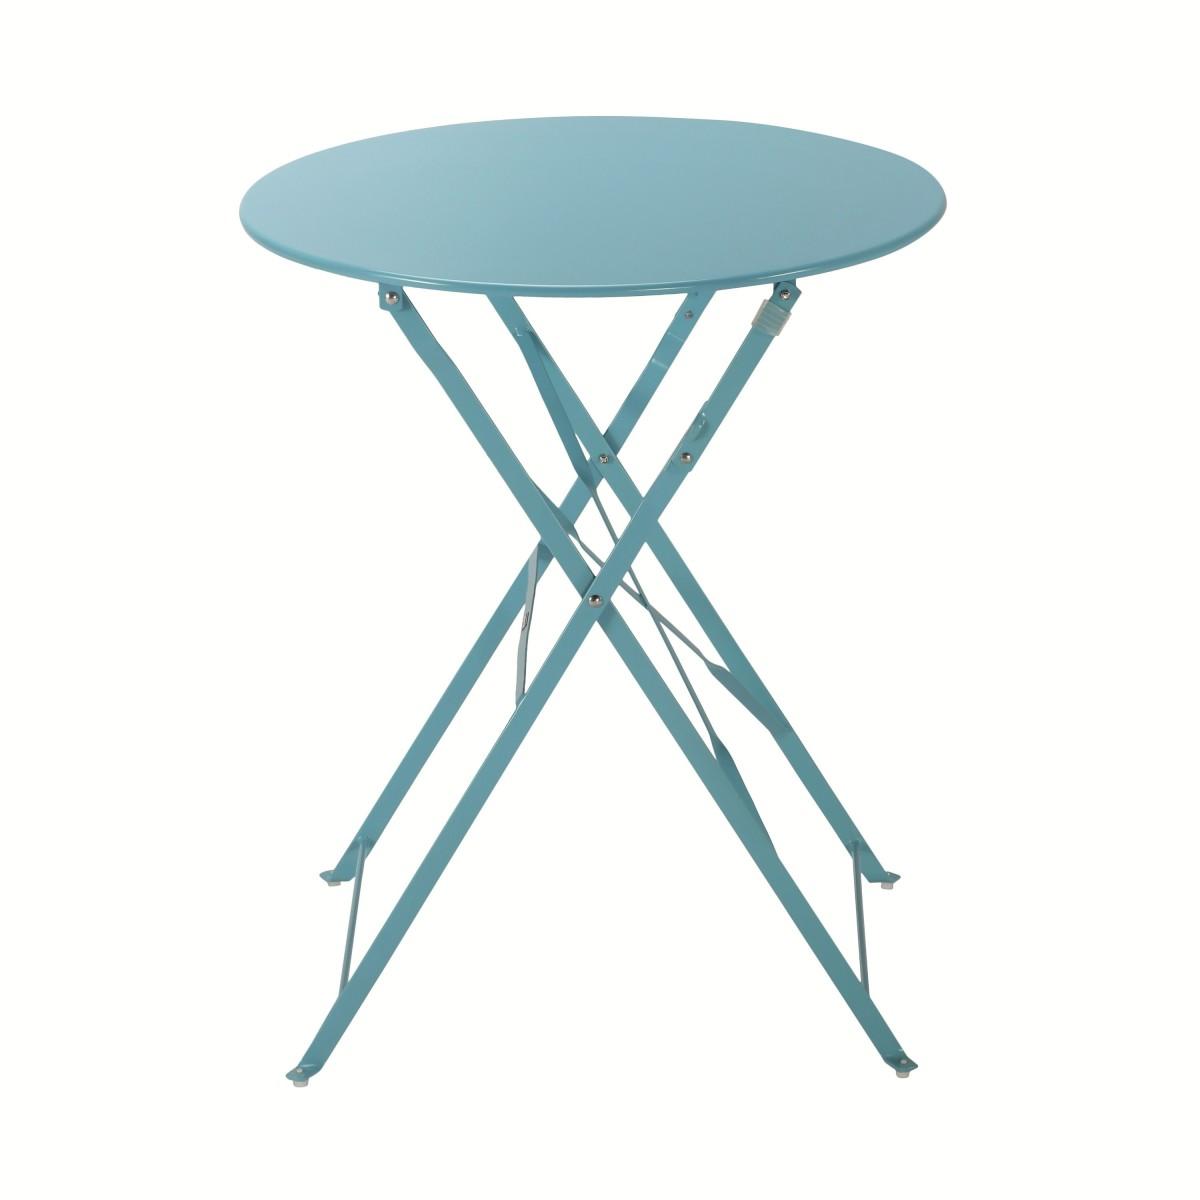 Стол садовый круглый Naterial Flora Origami складной 60х71 см сталь синий